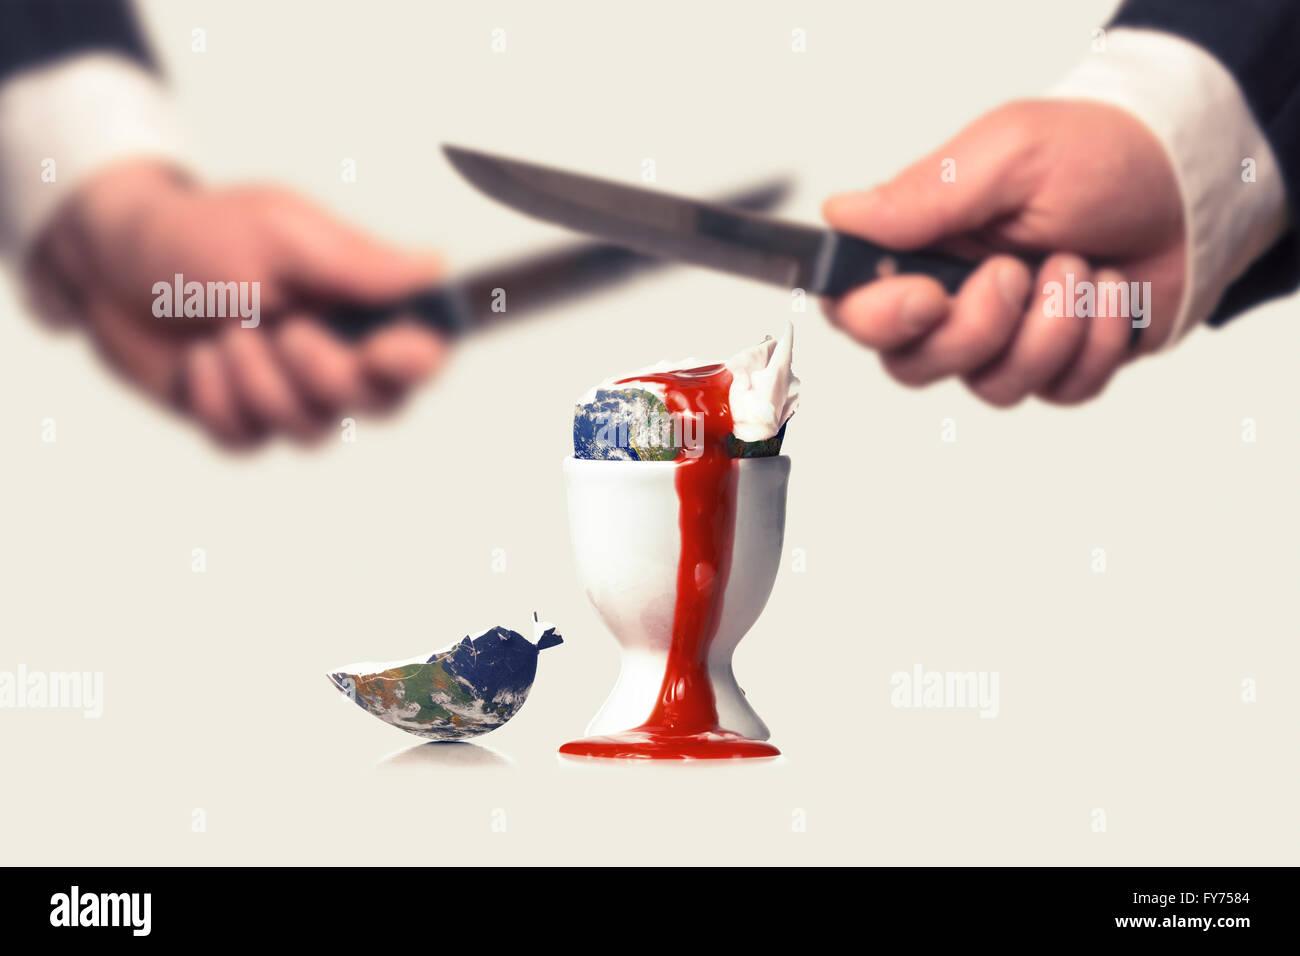 Geschäftsleute zerstören mit Messer durch eine Blutung Ei symbolisiert die Erde Stockbild